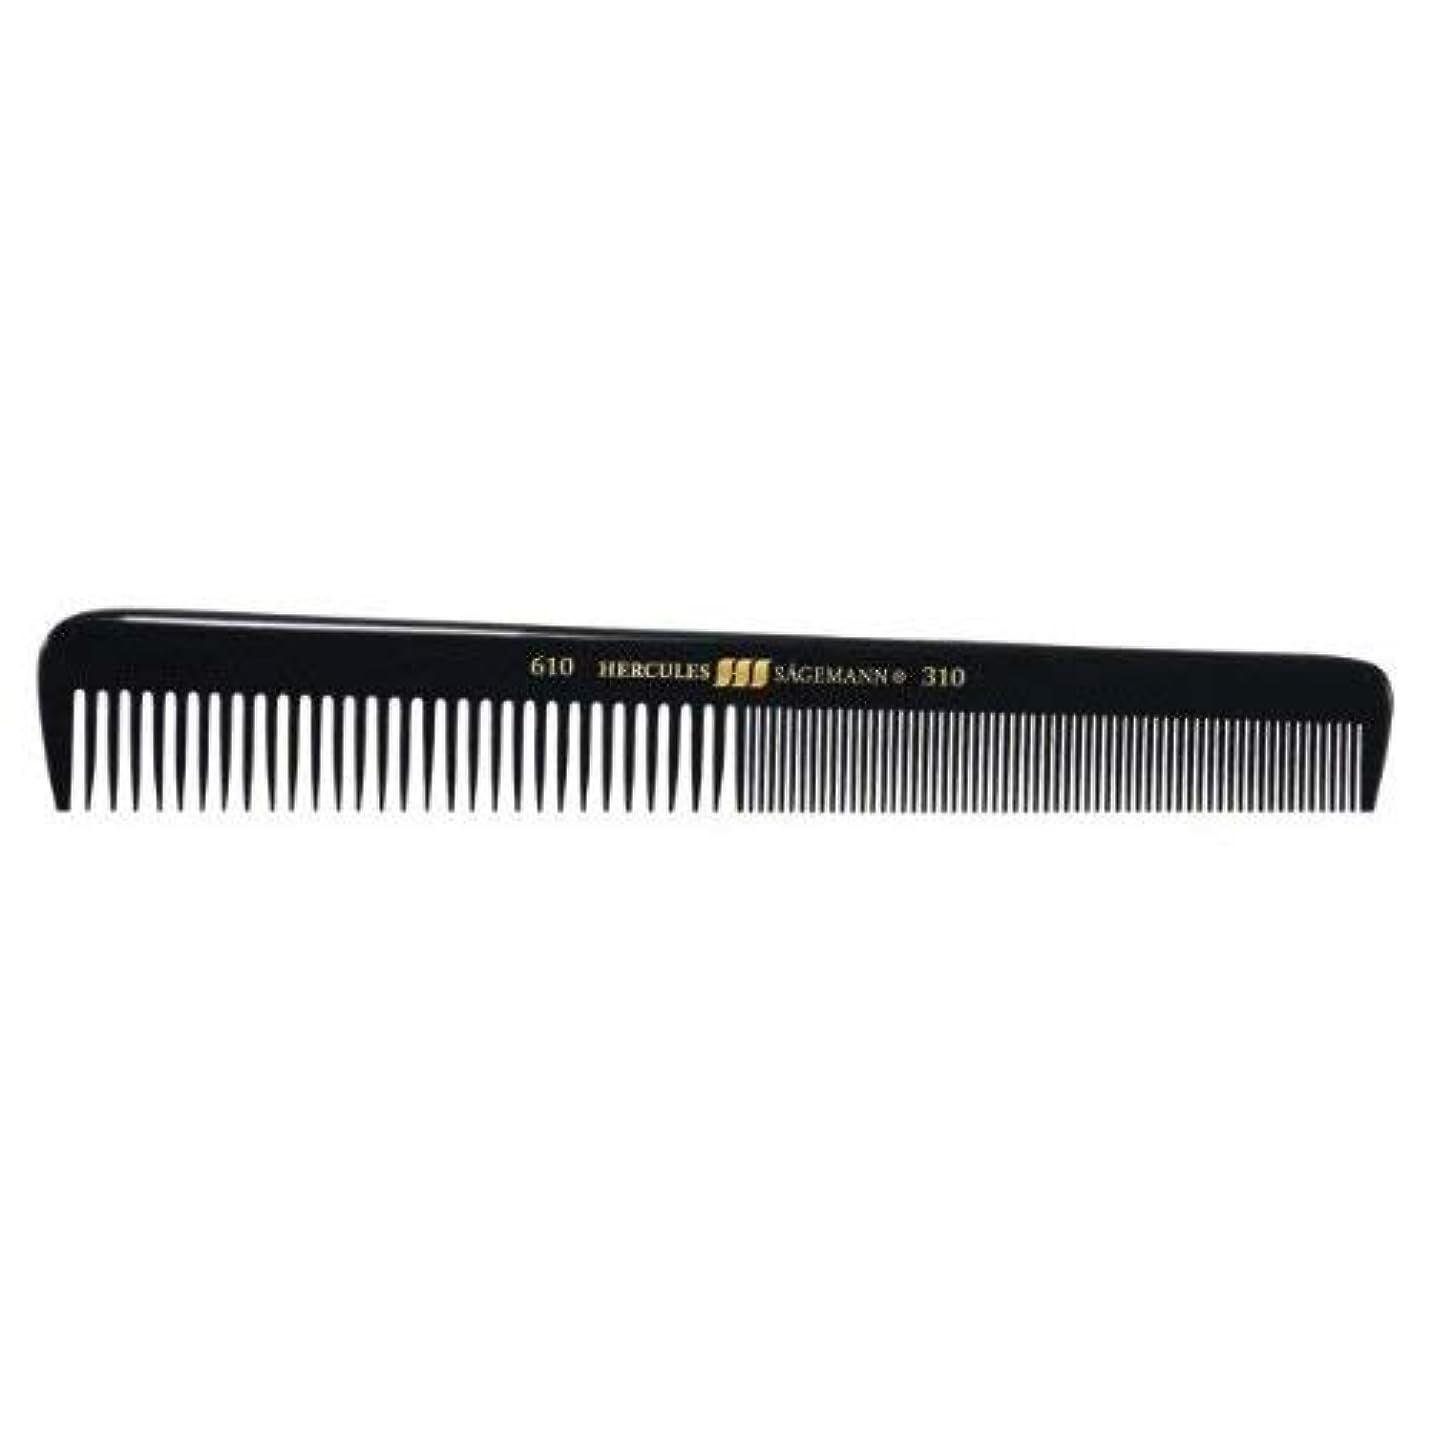 エキサイティング見える額Hercules S?gemann Gents Comb for short hair | Ebonite - Made in Germany [並行輸入品]